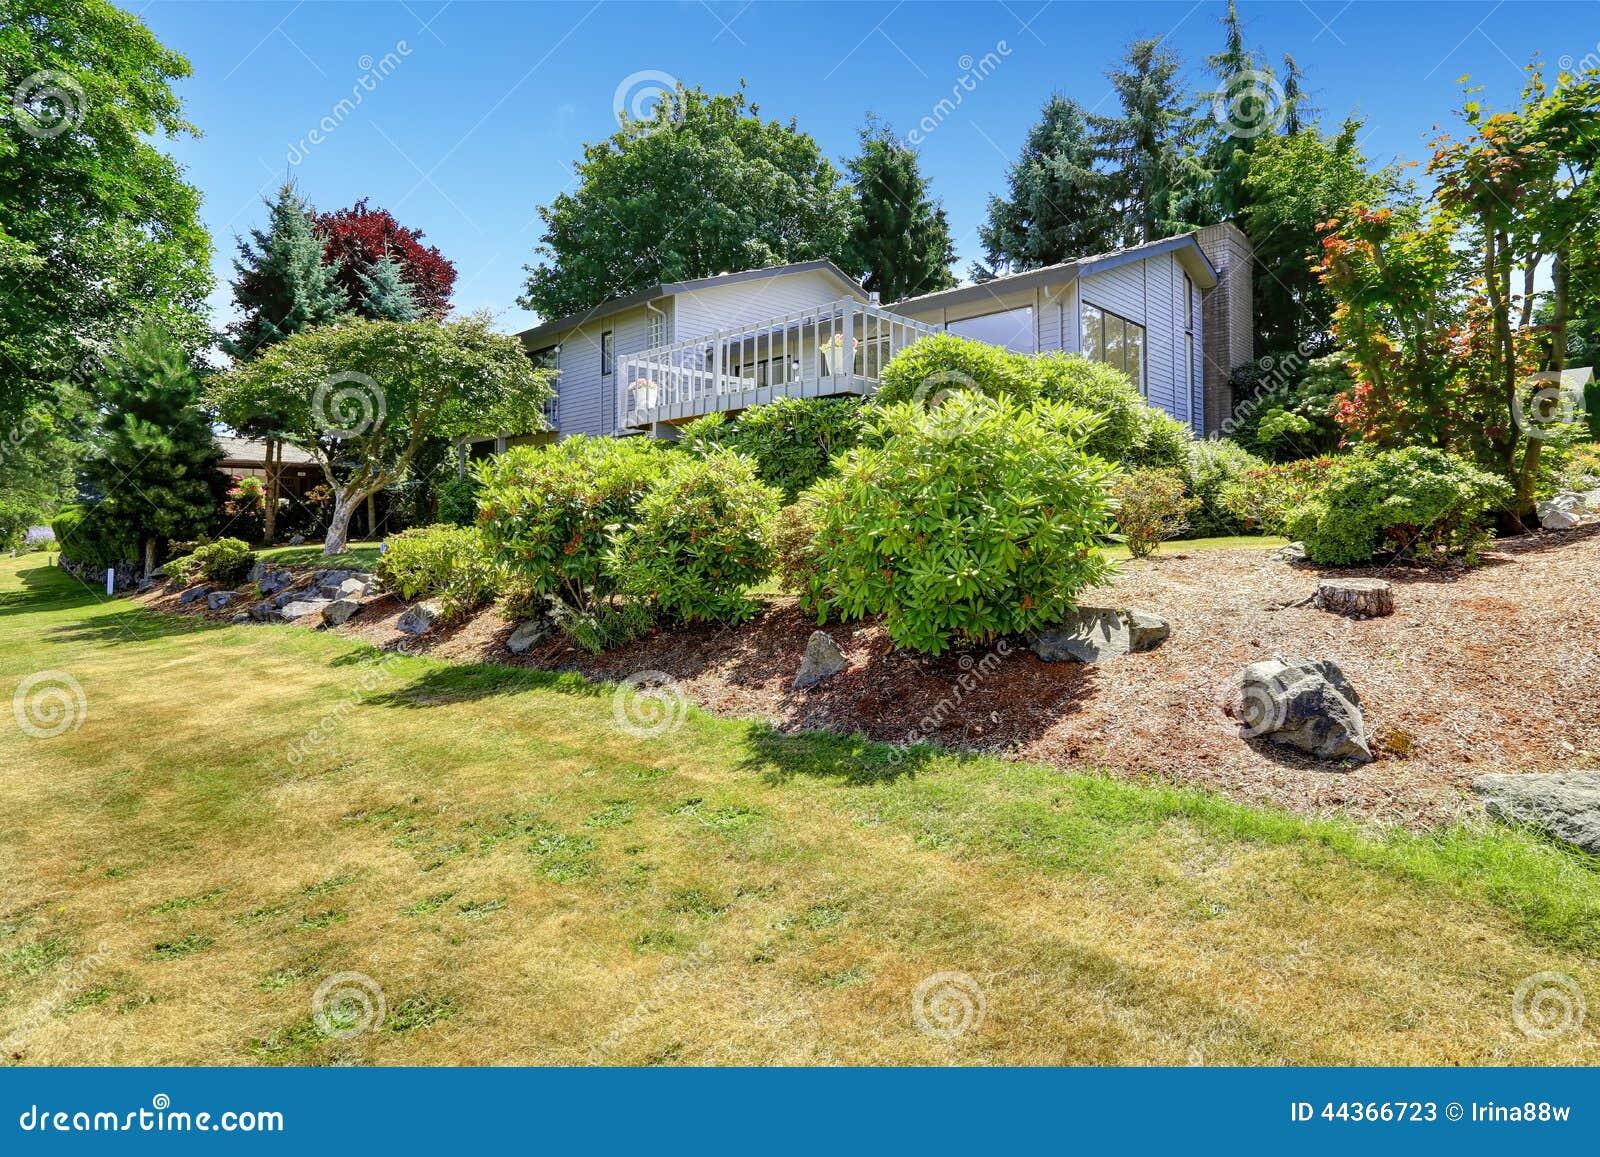 Camera con la piattaforma dell uscire in segno di disapprovazione ed il giardino del cortile